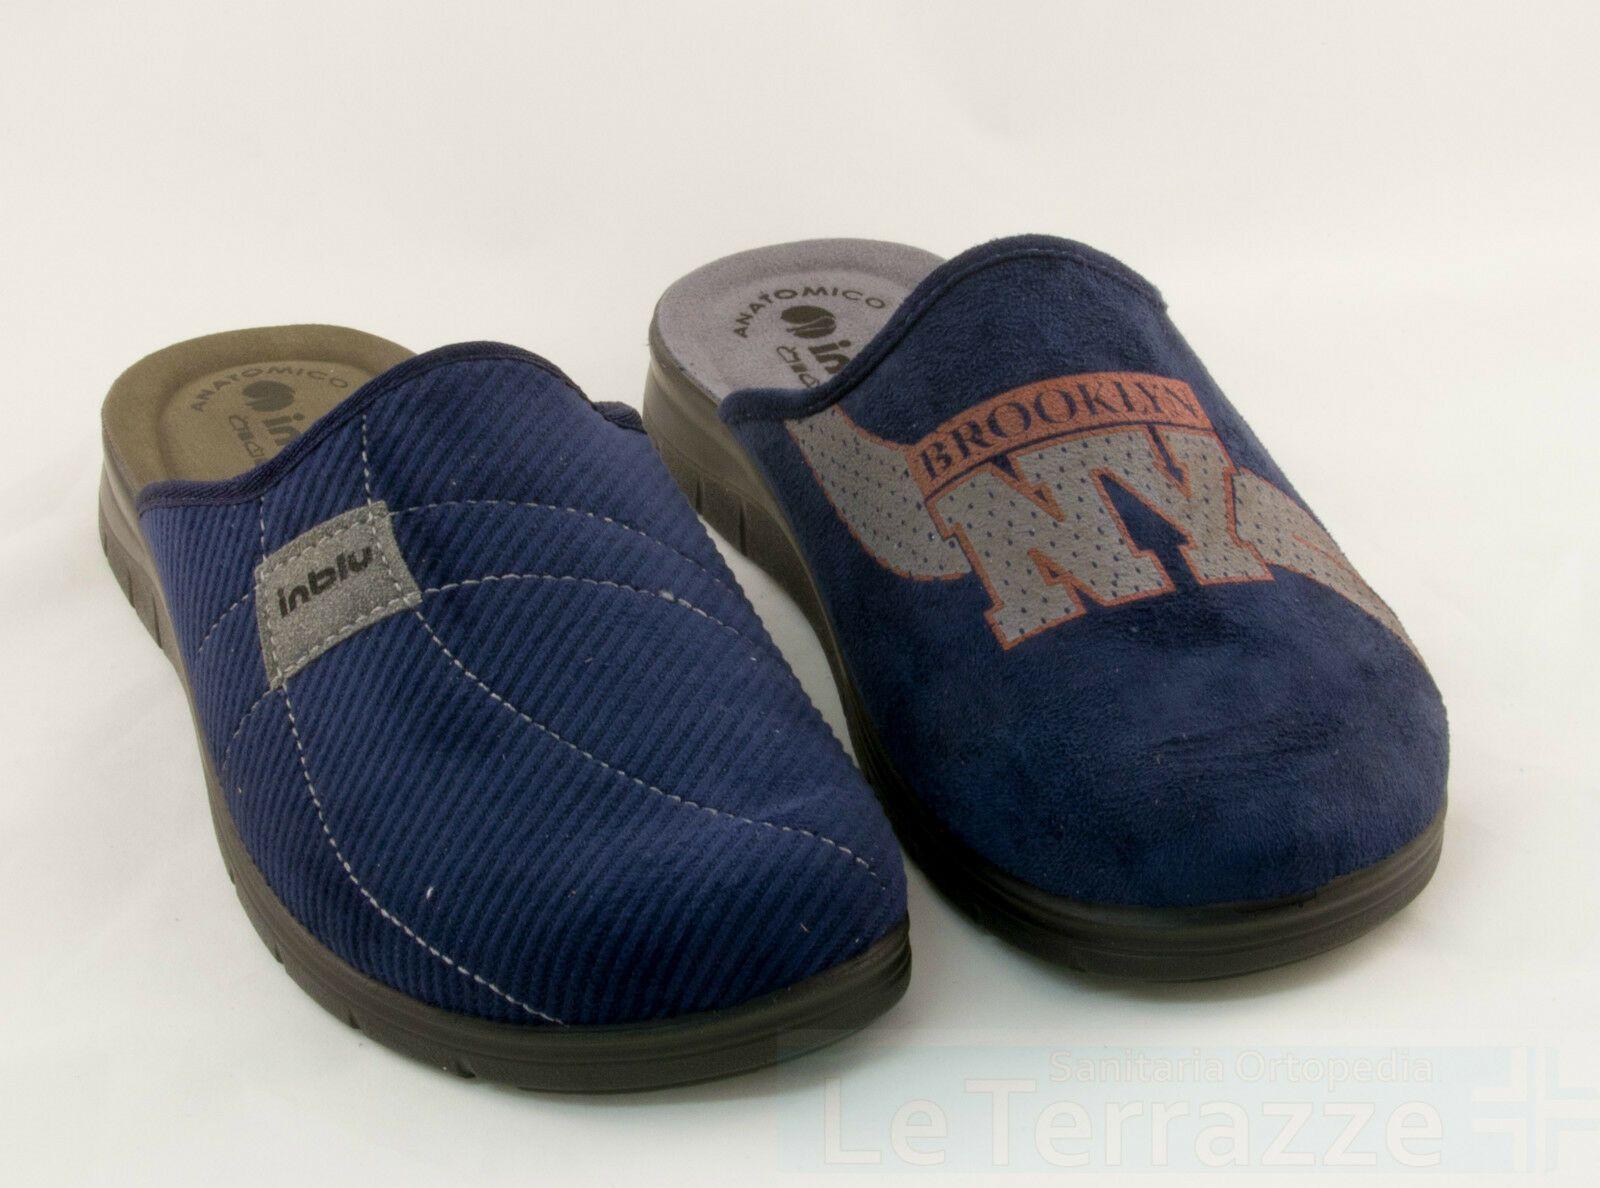 più tardi come acquistare molti alla moda Ciabatte inblu BG-14 BG-11 ciabatte sabout pantofole scarpe ...